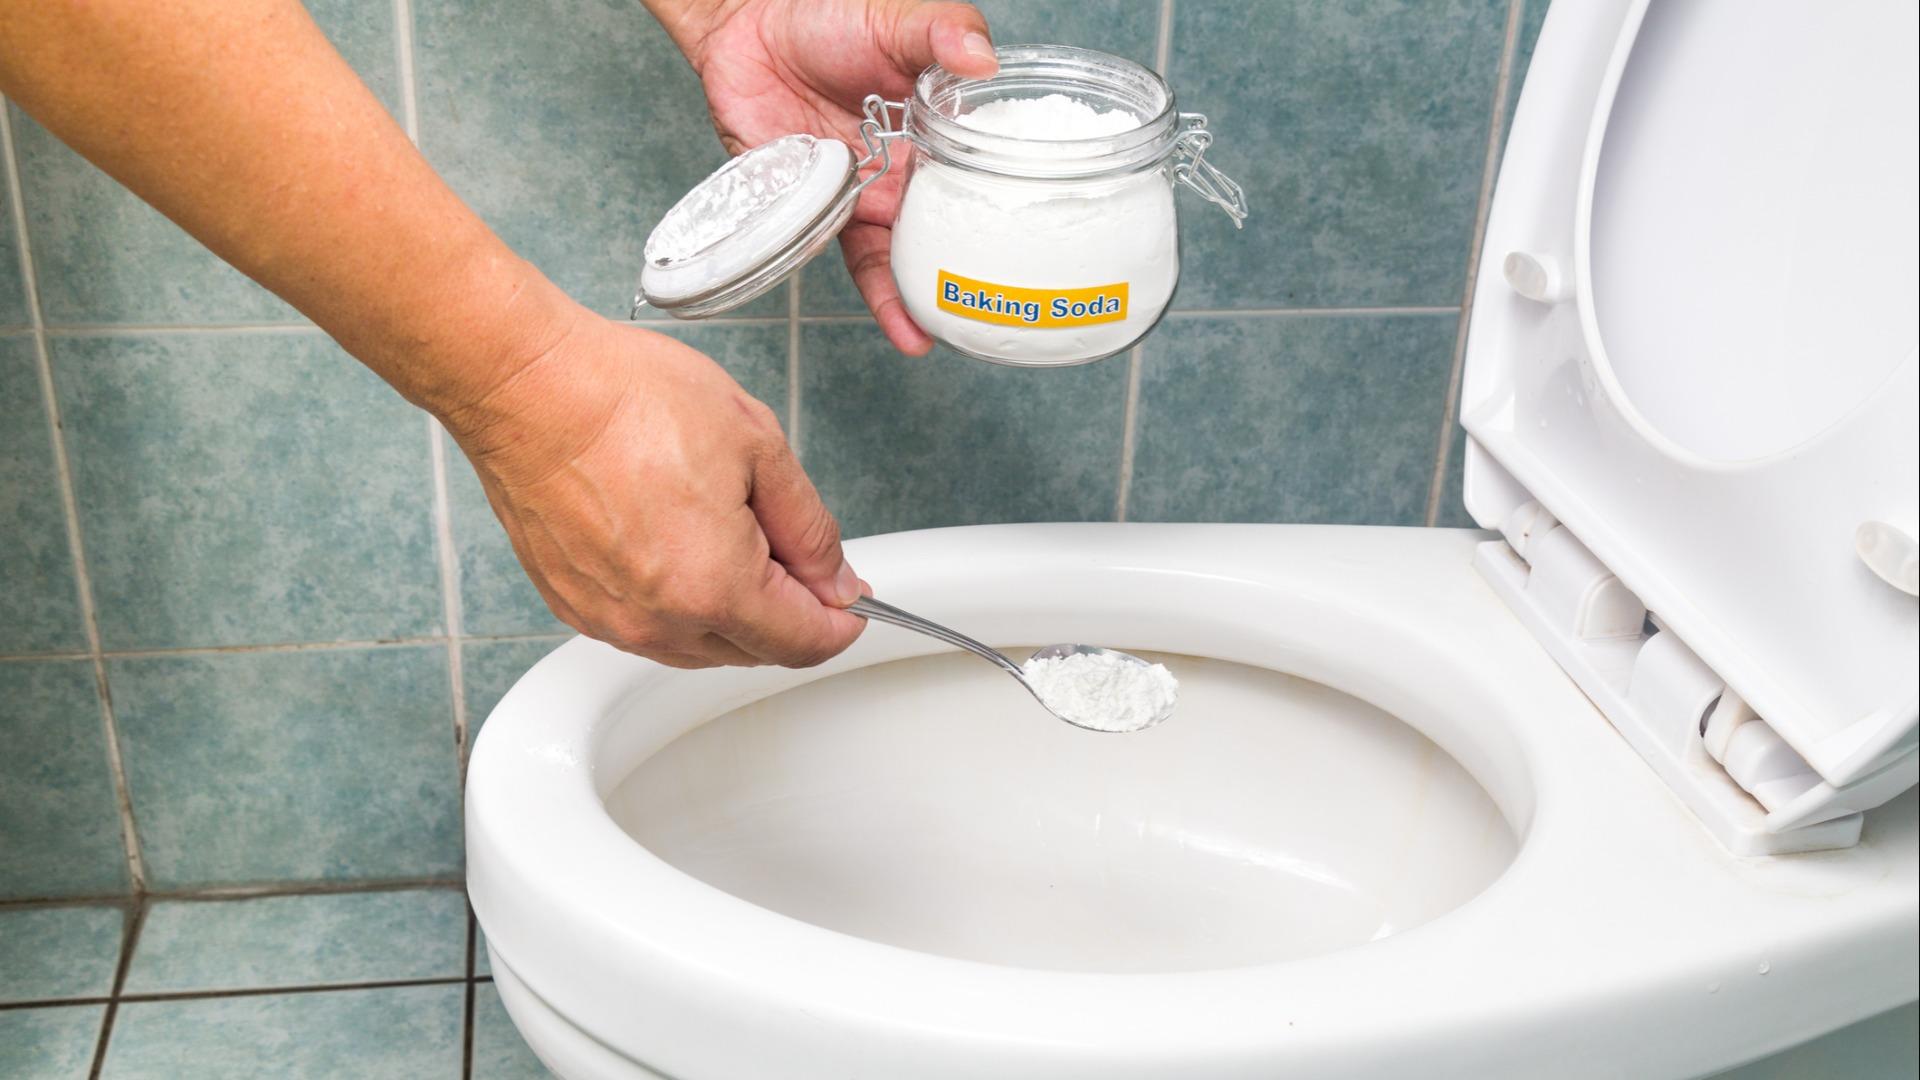 Prosztatagyulladás esetén milyen gyakran akar kicsit WC-be menni